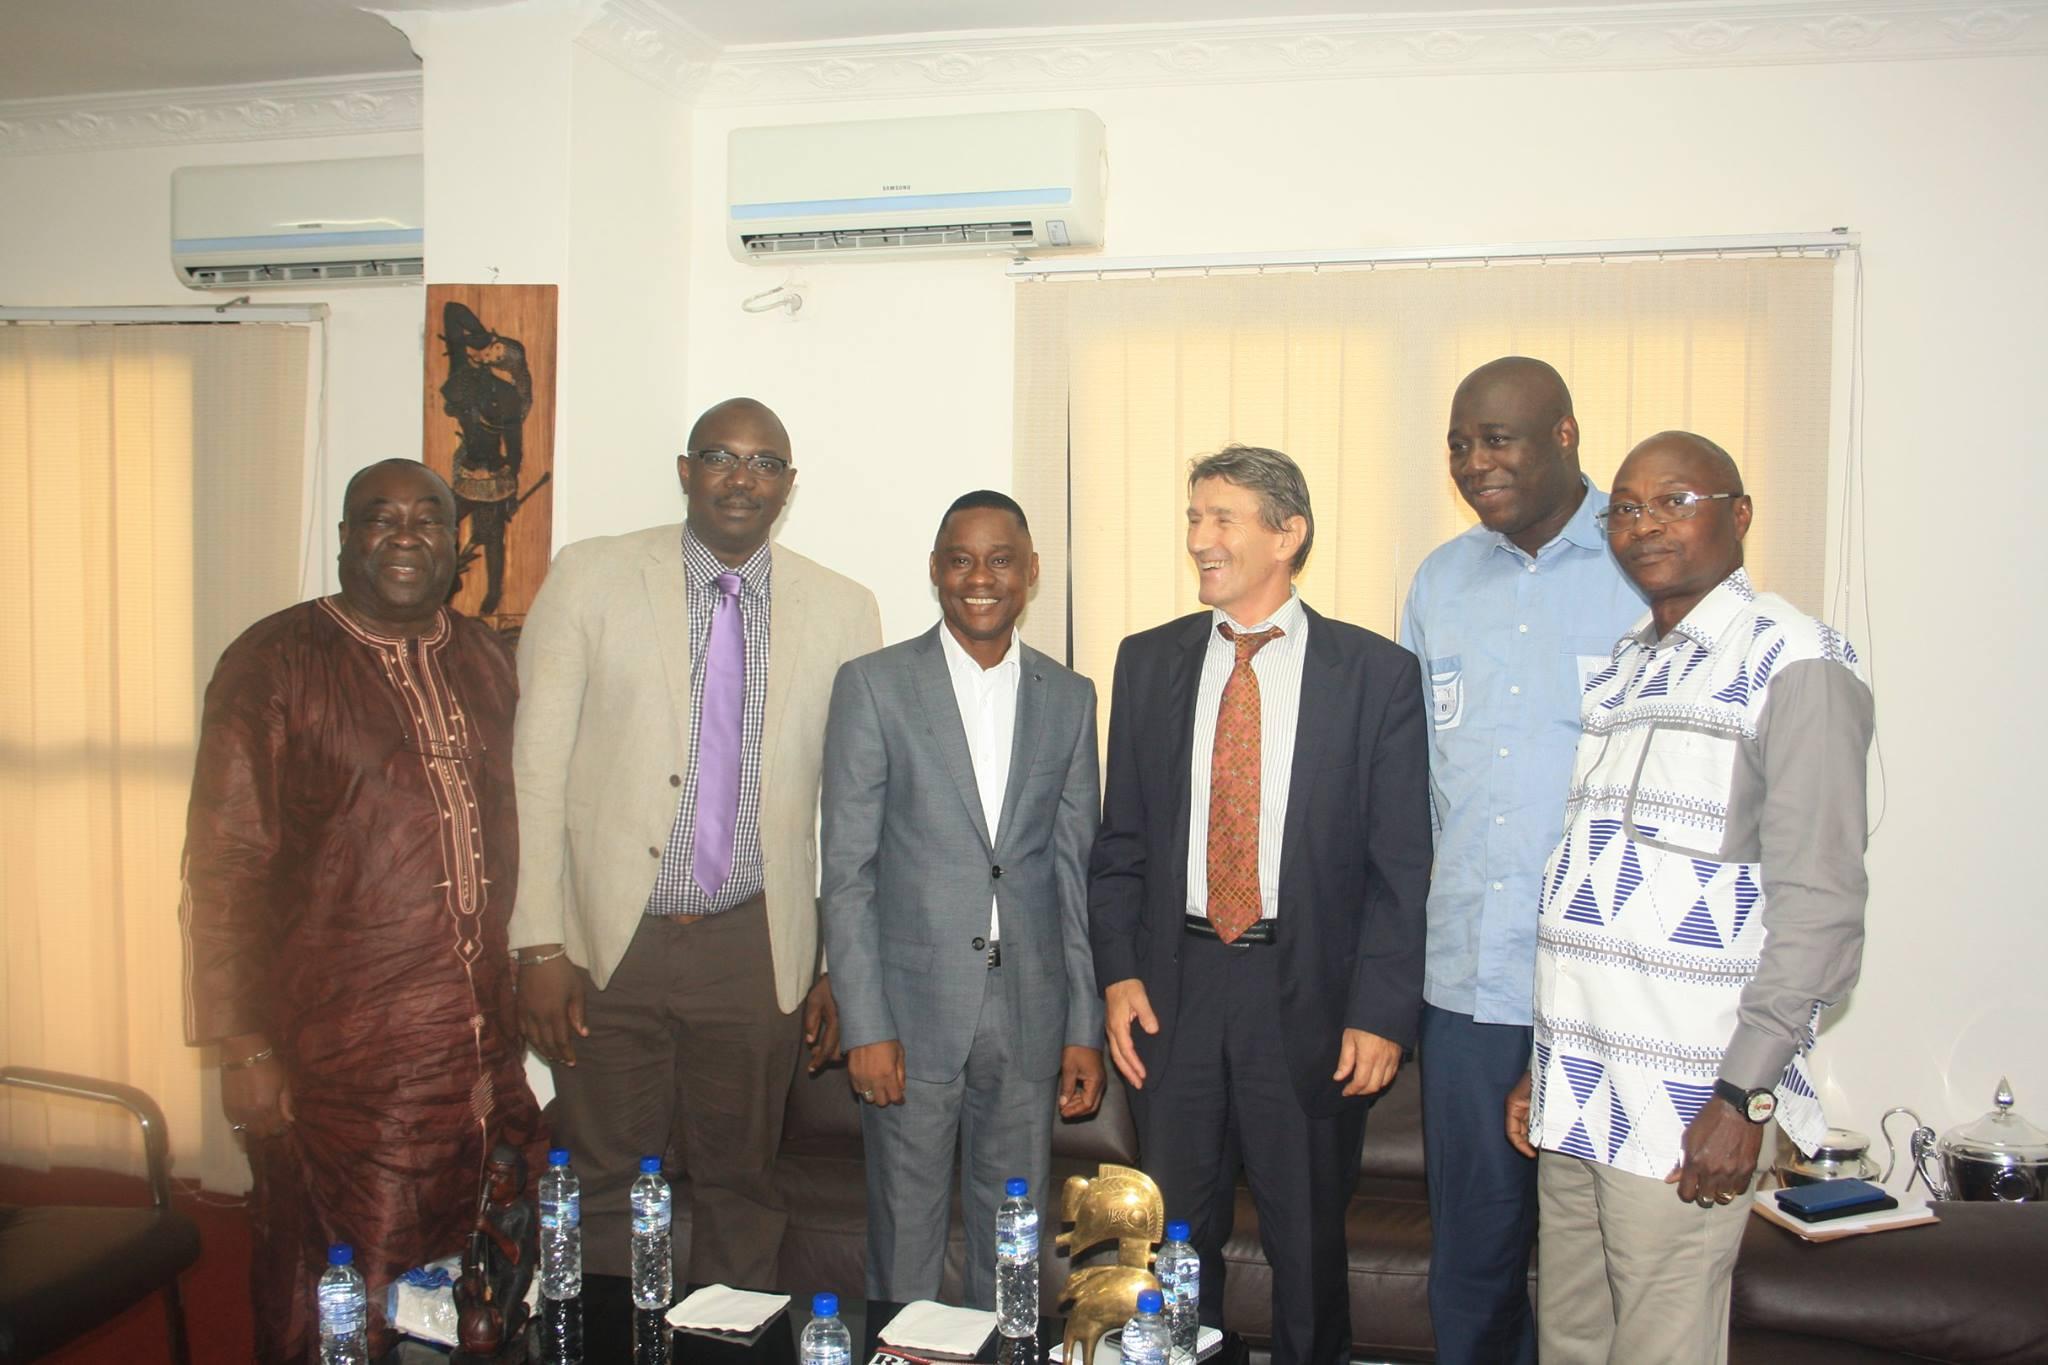 Les Assises de l'UPF à Conakry: la culture au cœur de l'événement